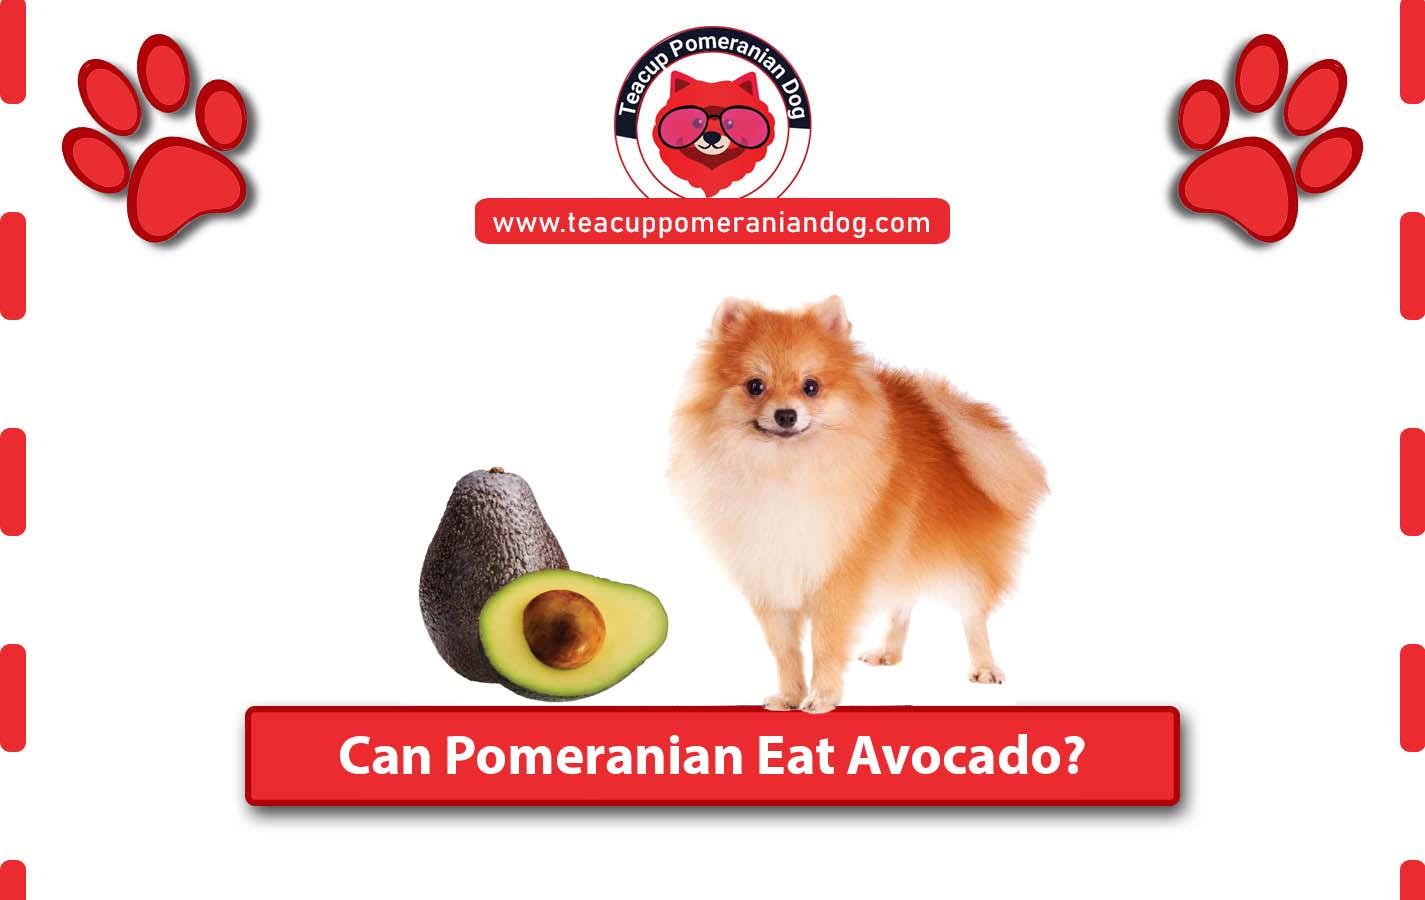 Can Pomeranian Eat Avocado